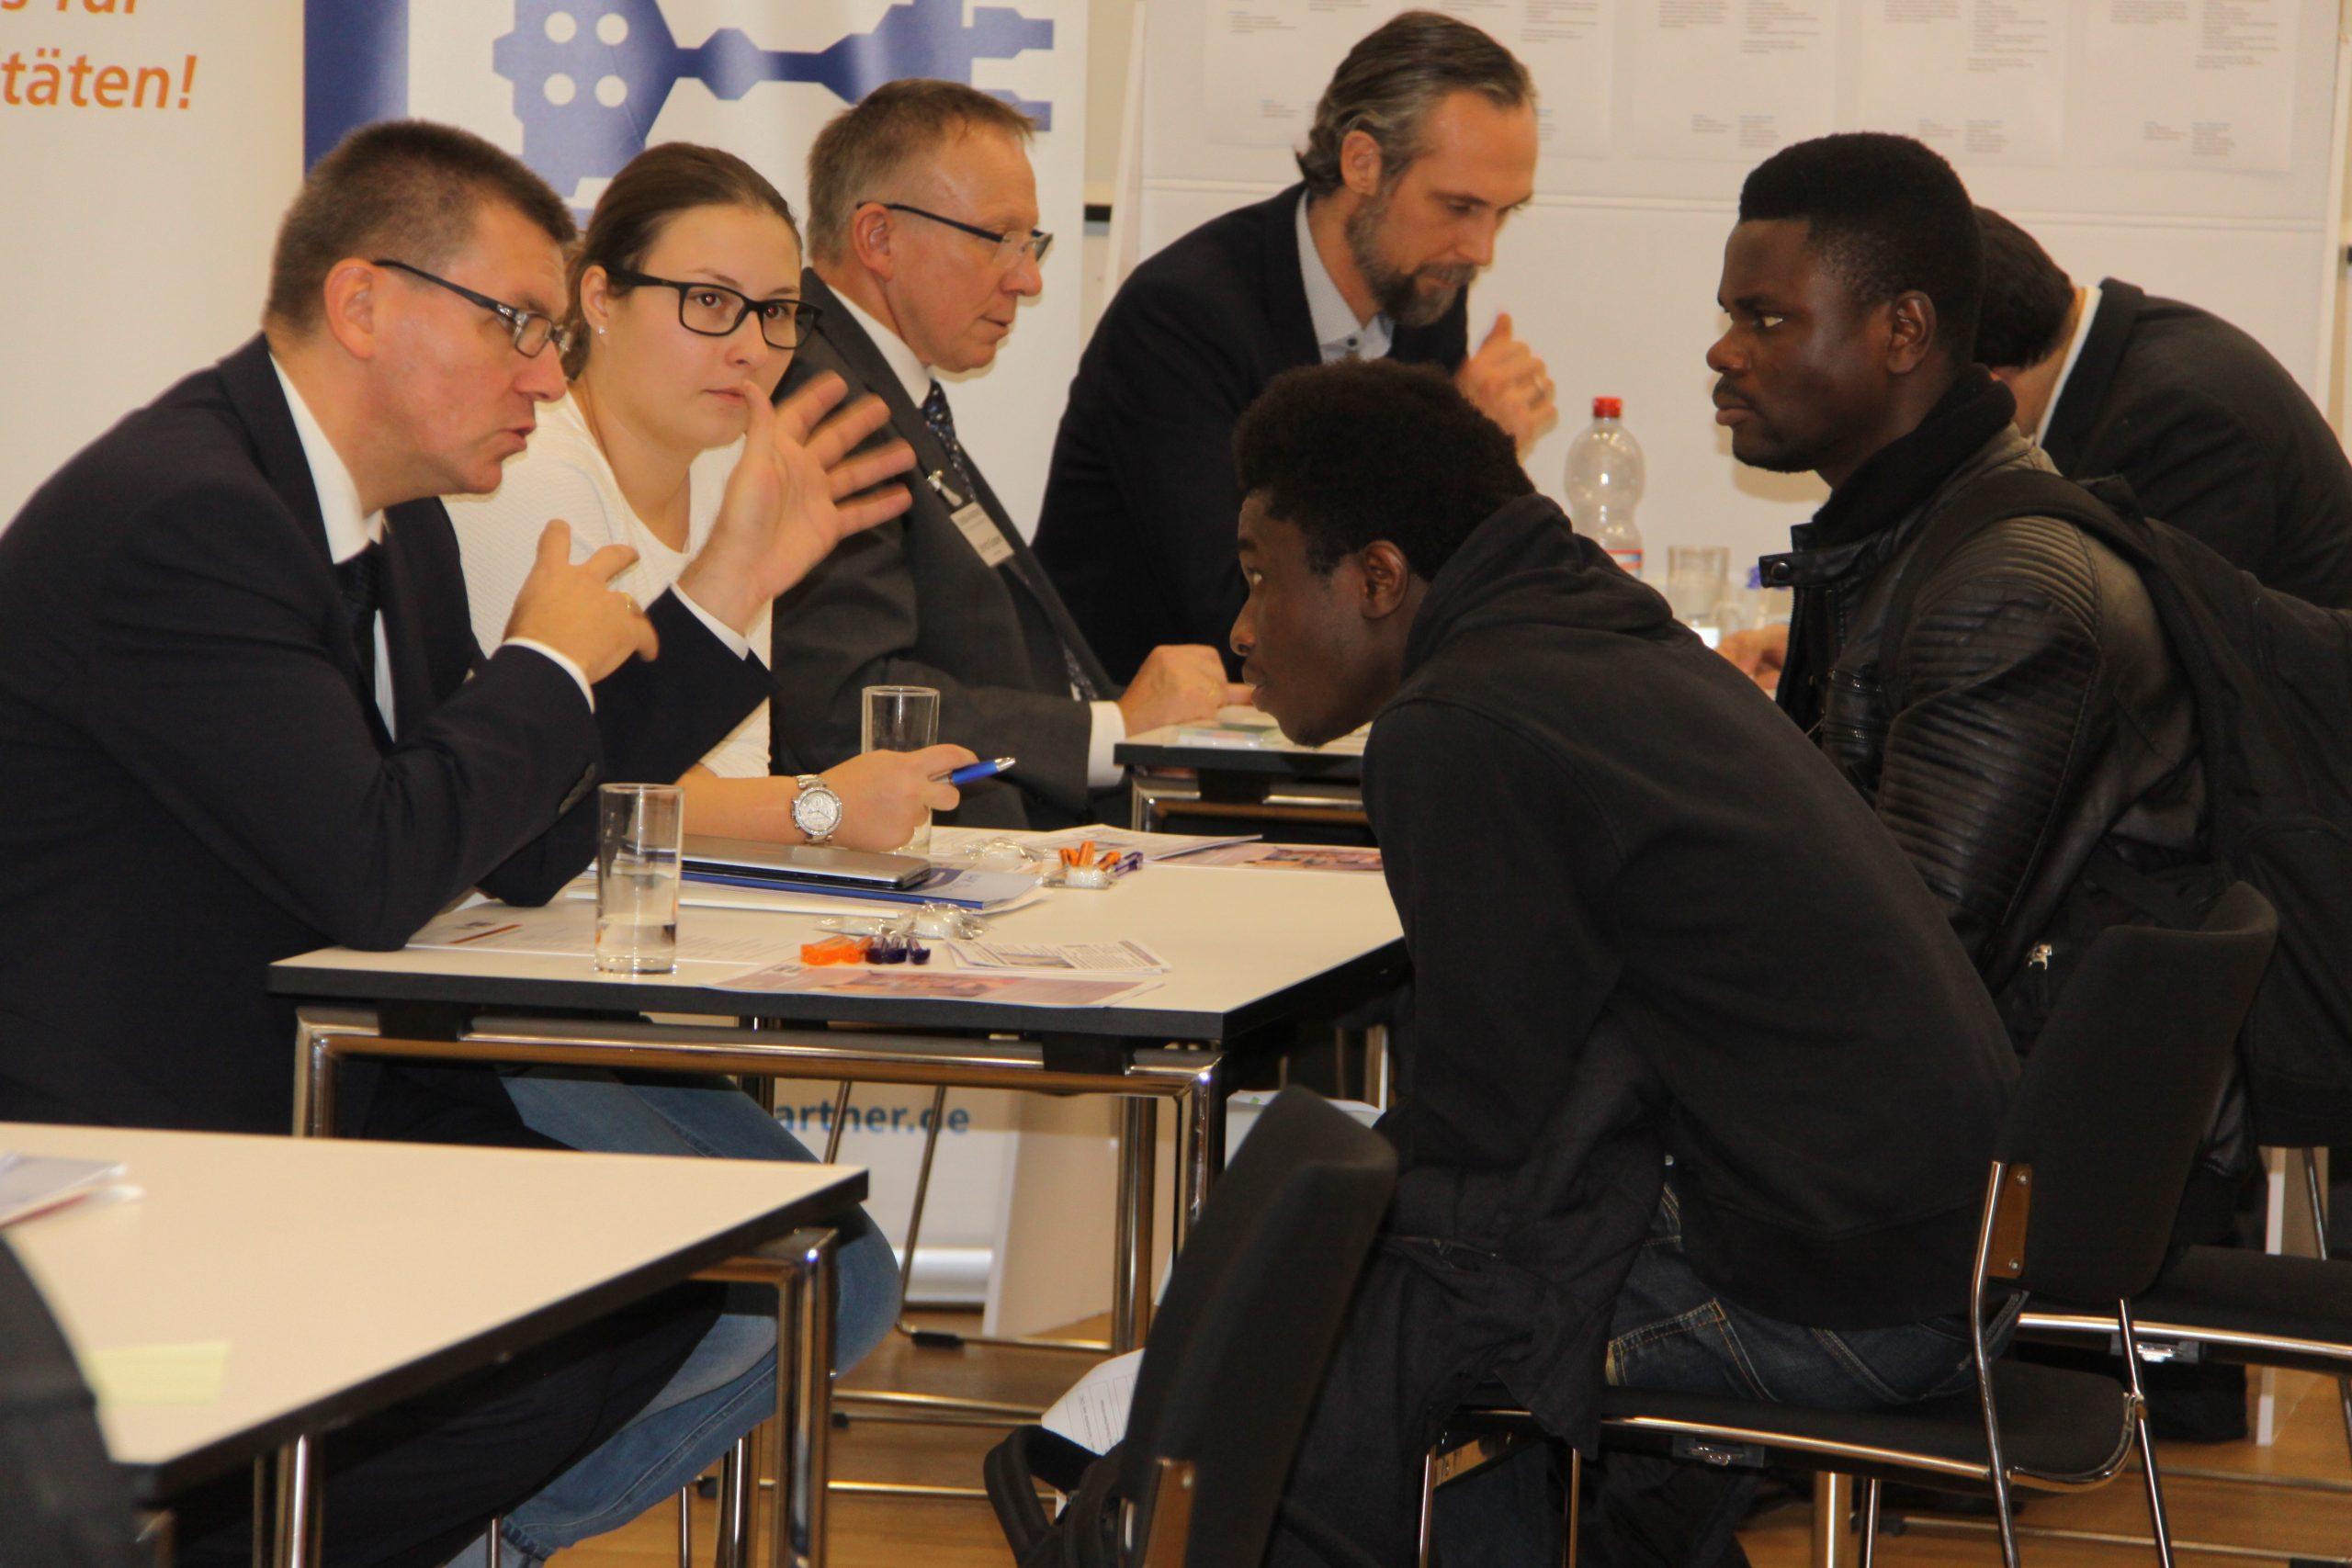 Flüchtlinge im Beratungsgespräch auf Job-Suche